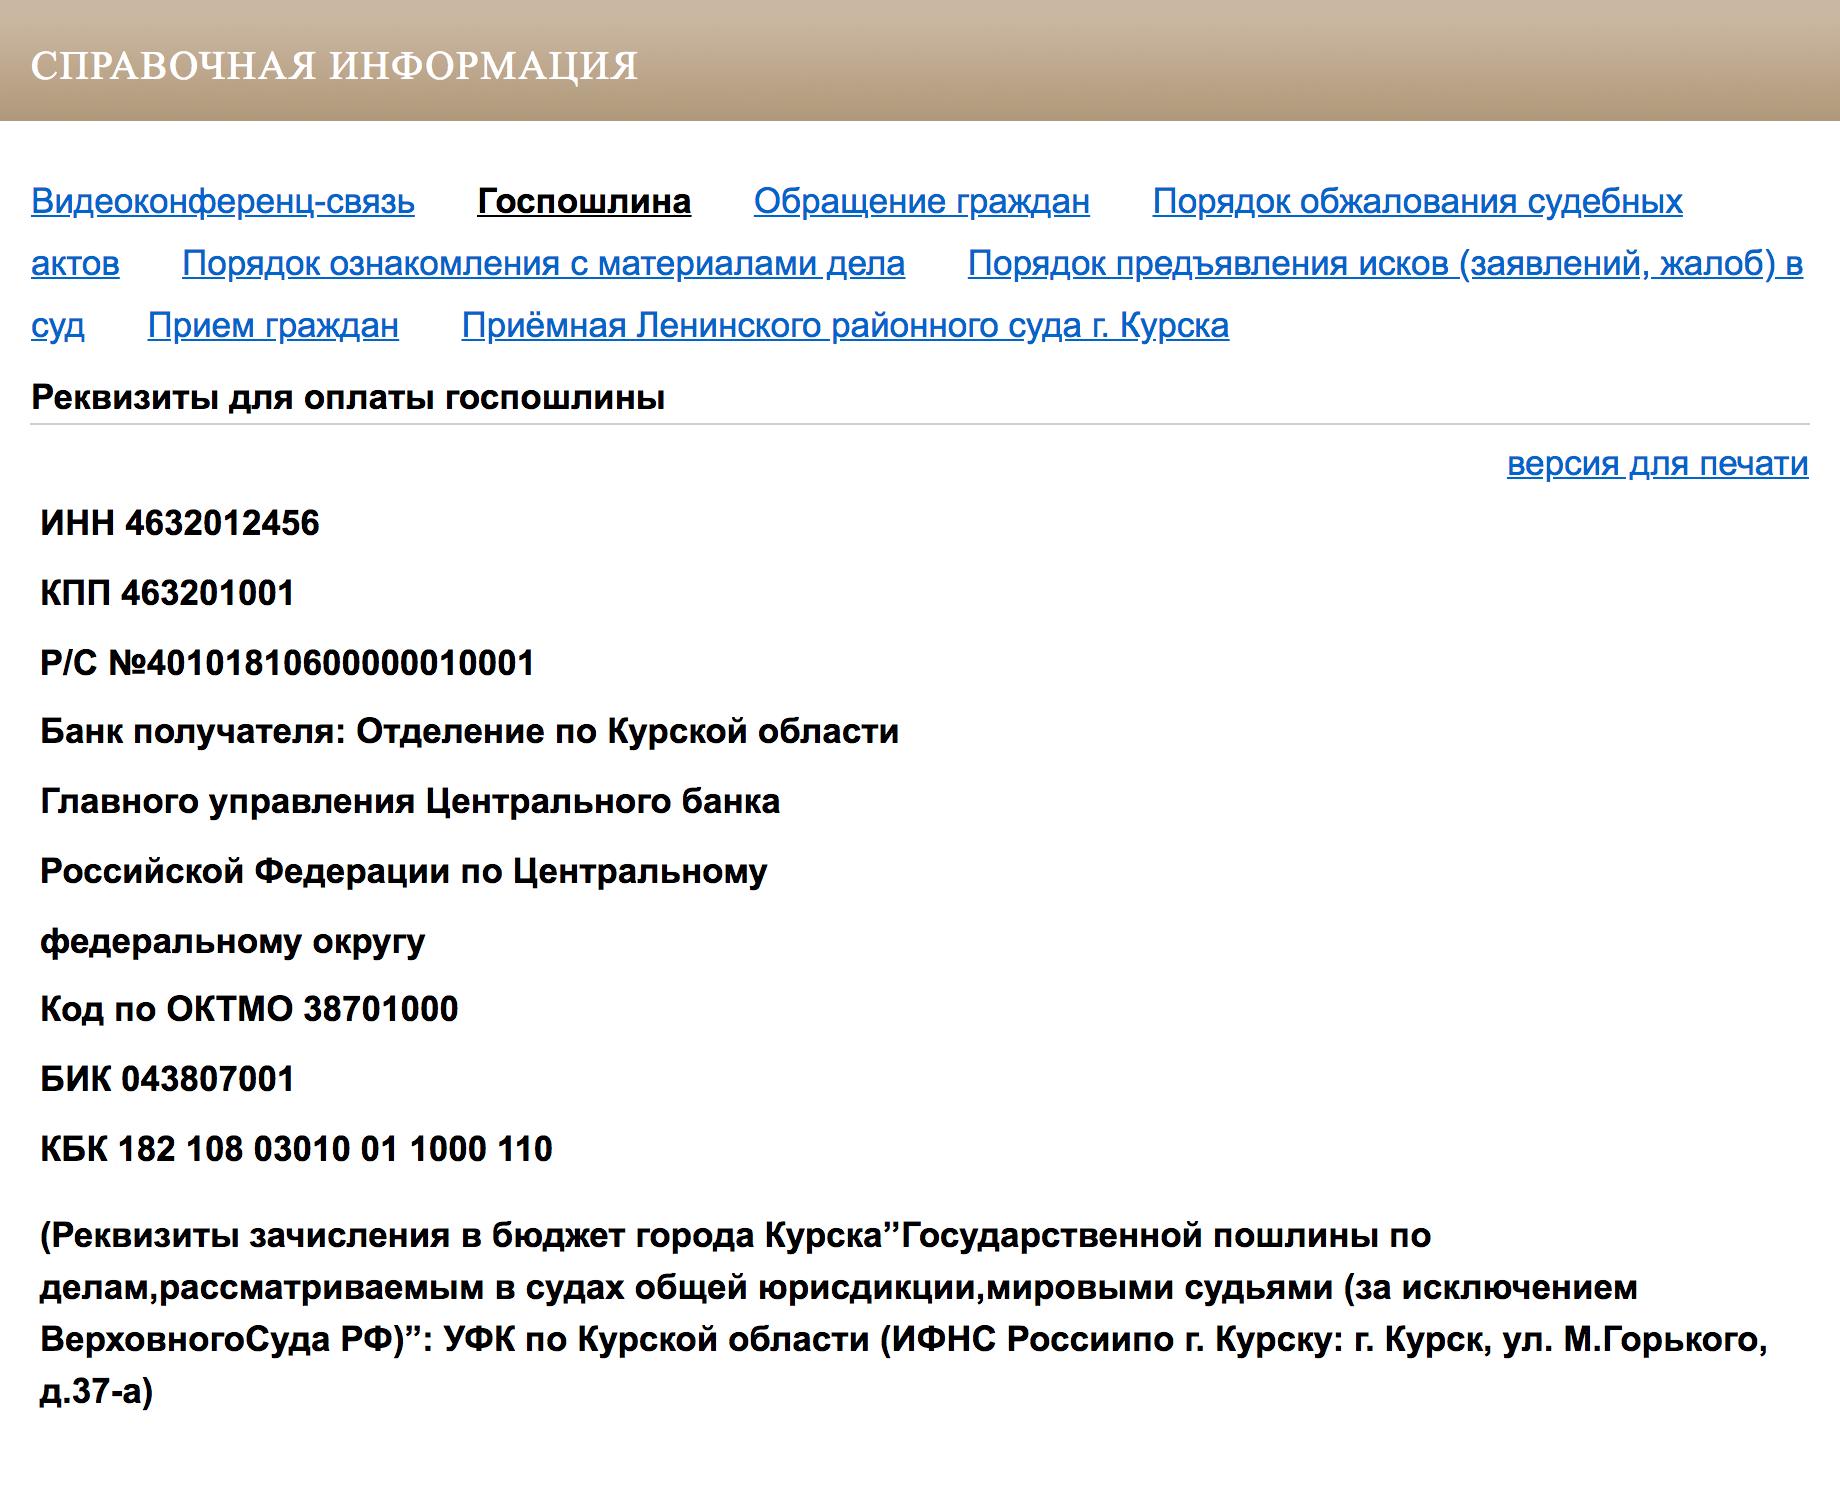 Реквизиты Ленинского районного суда Курска